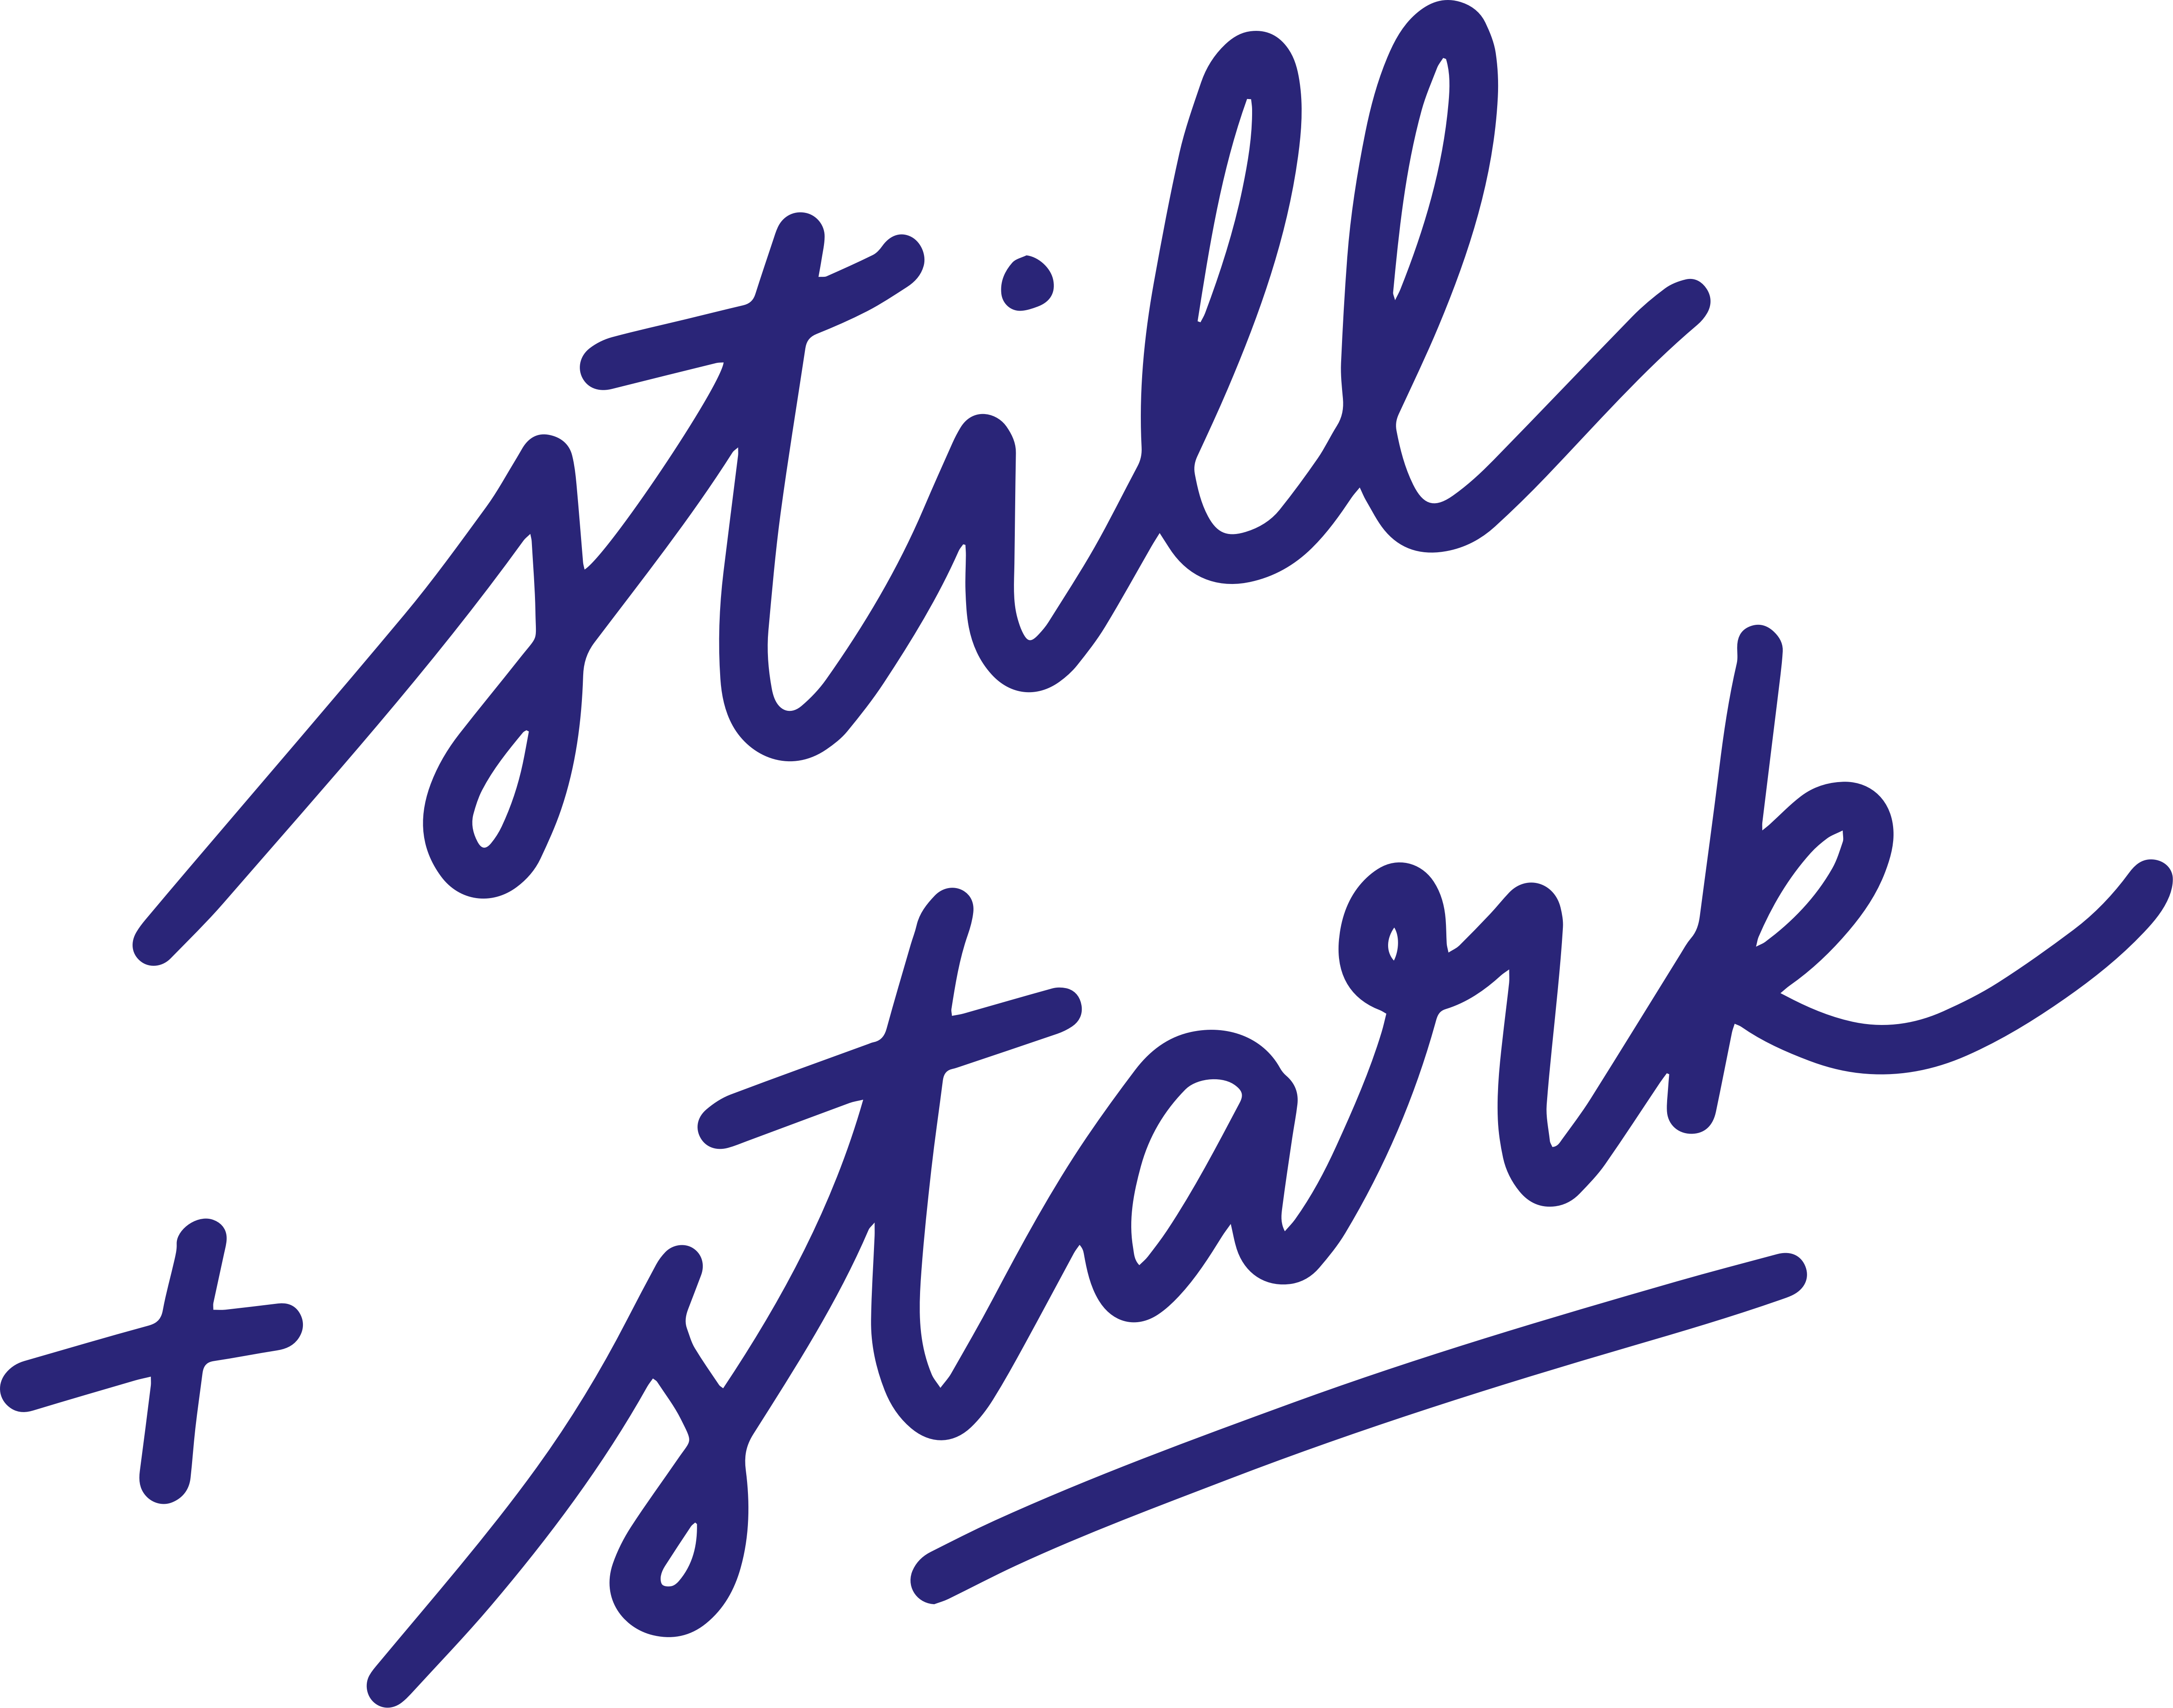 Du bist still & stark! #stillundstark